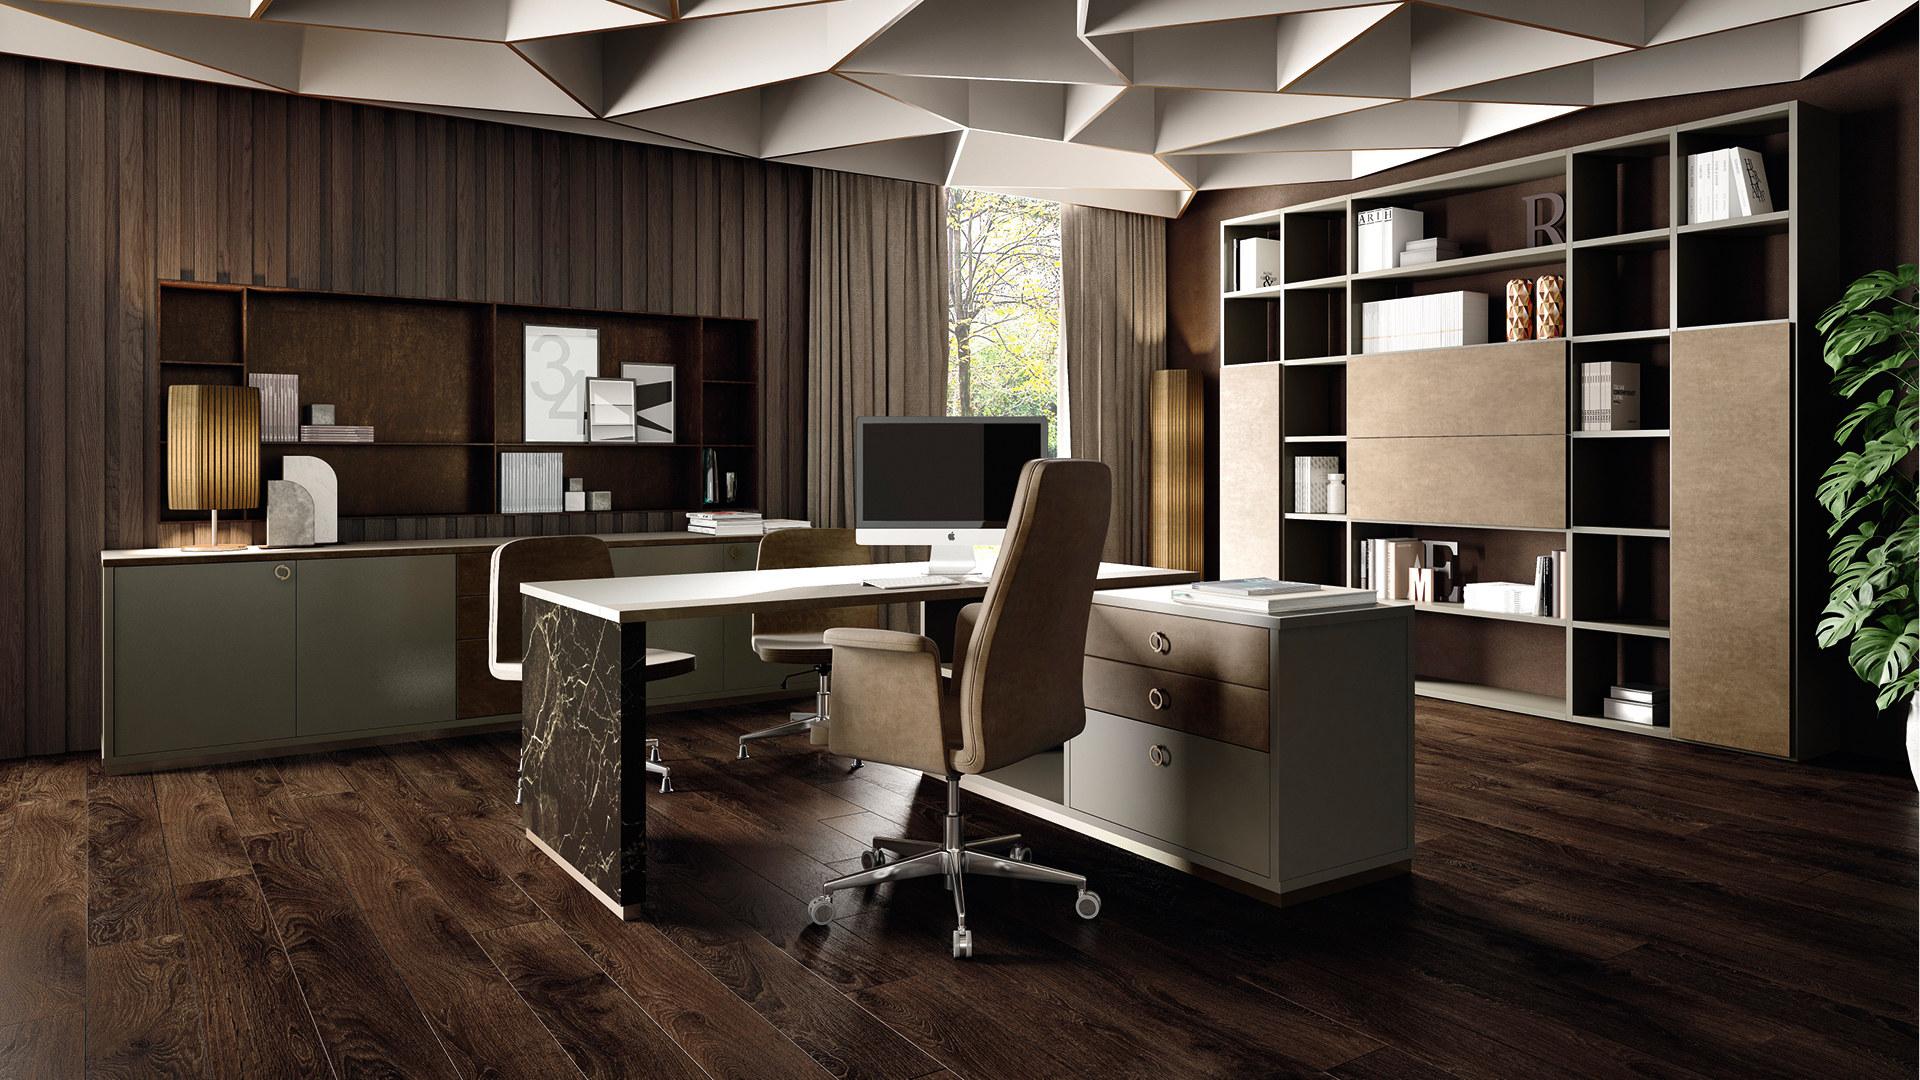 Arredamento Ufficio Pisa : Arredo ufficio industry concept by caroti